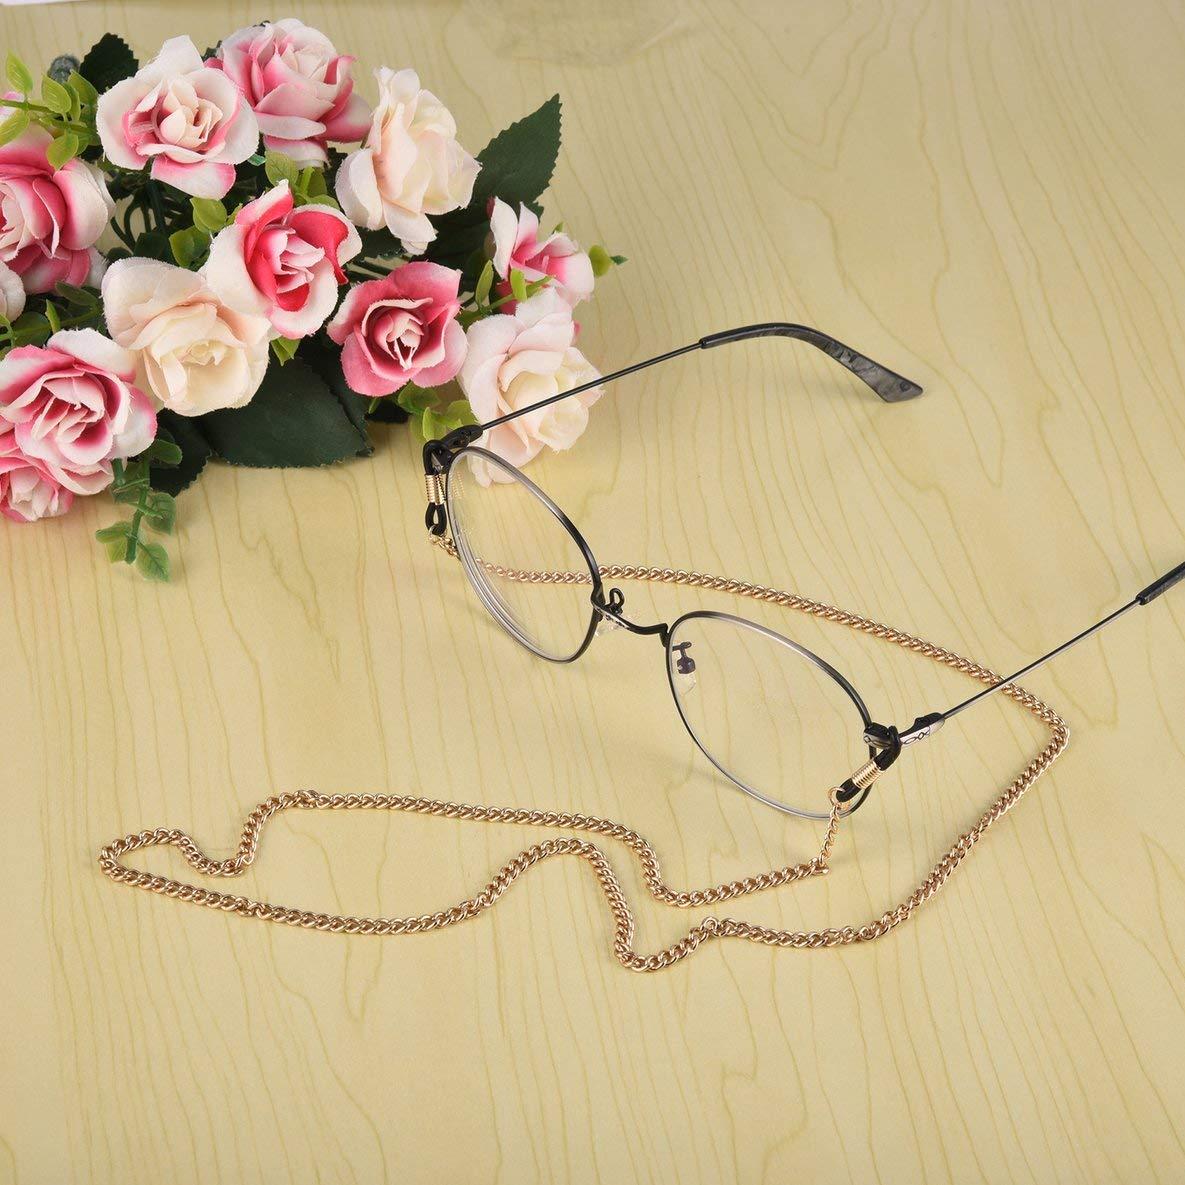 Noradtjcca Occhiali da Vista delicati Occhiali da Vista Collana Catena Occhiali da Vista Cordino per Collo Cordino per Collo Regali per Amici